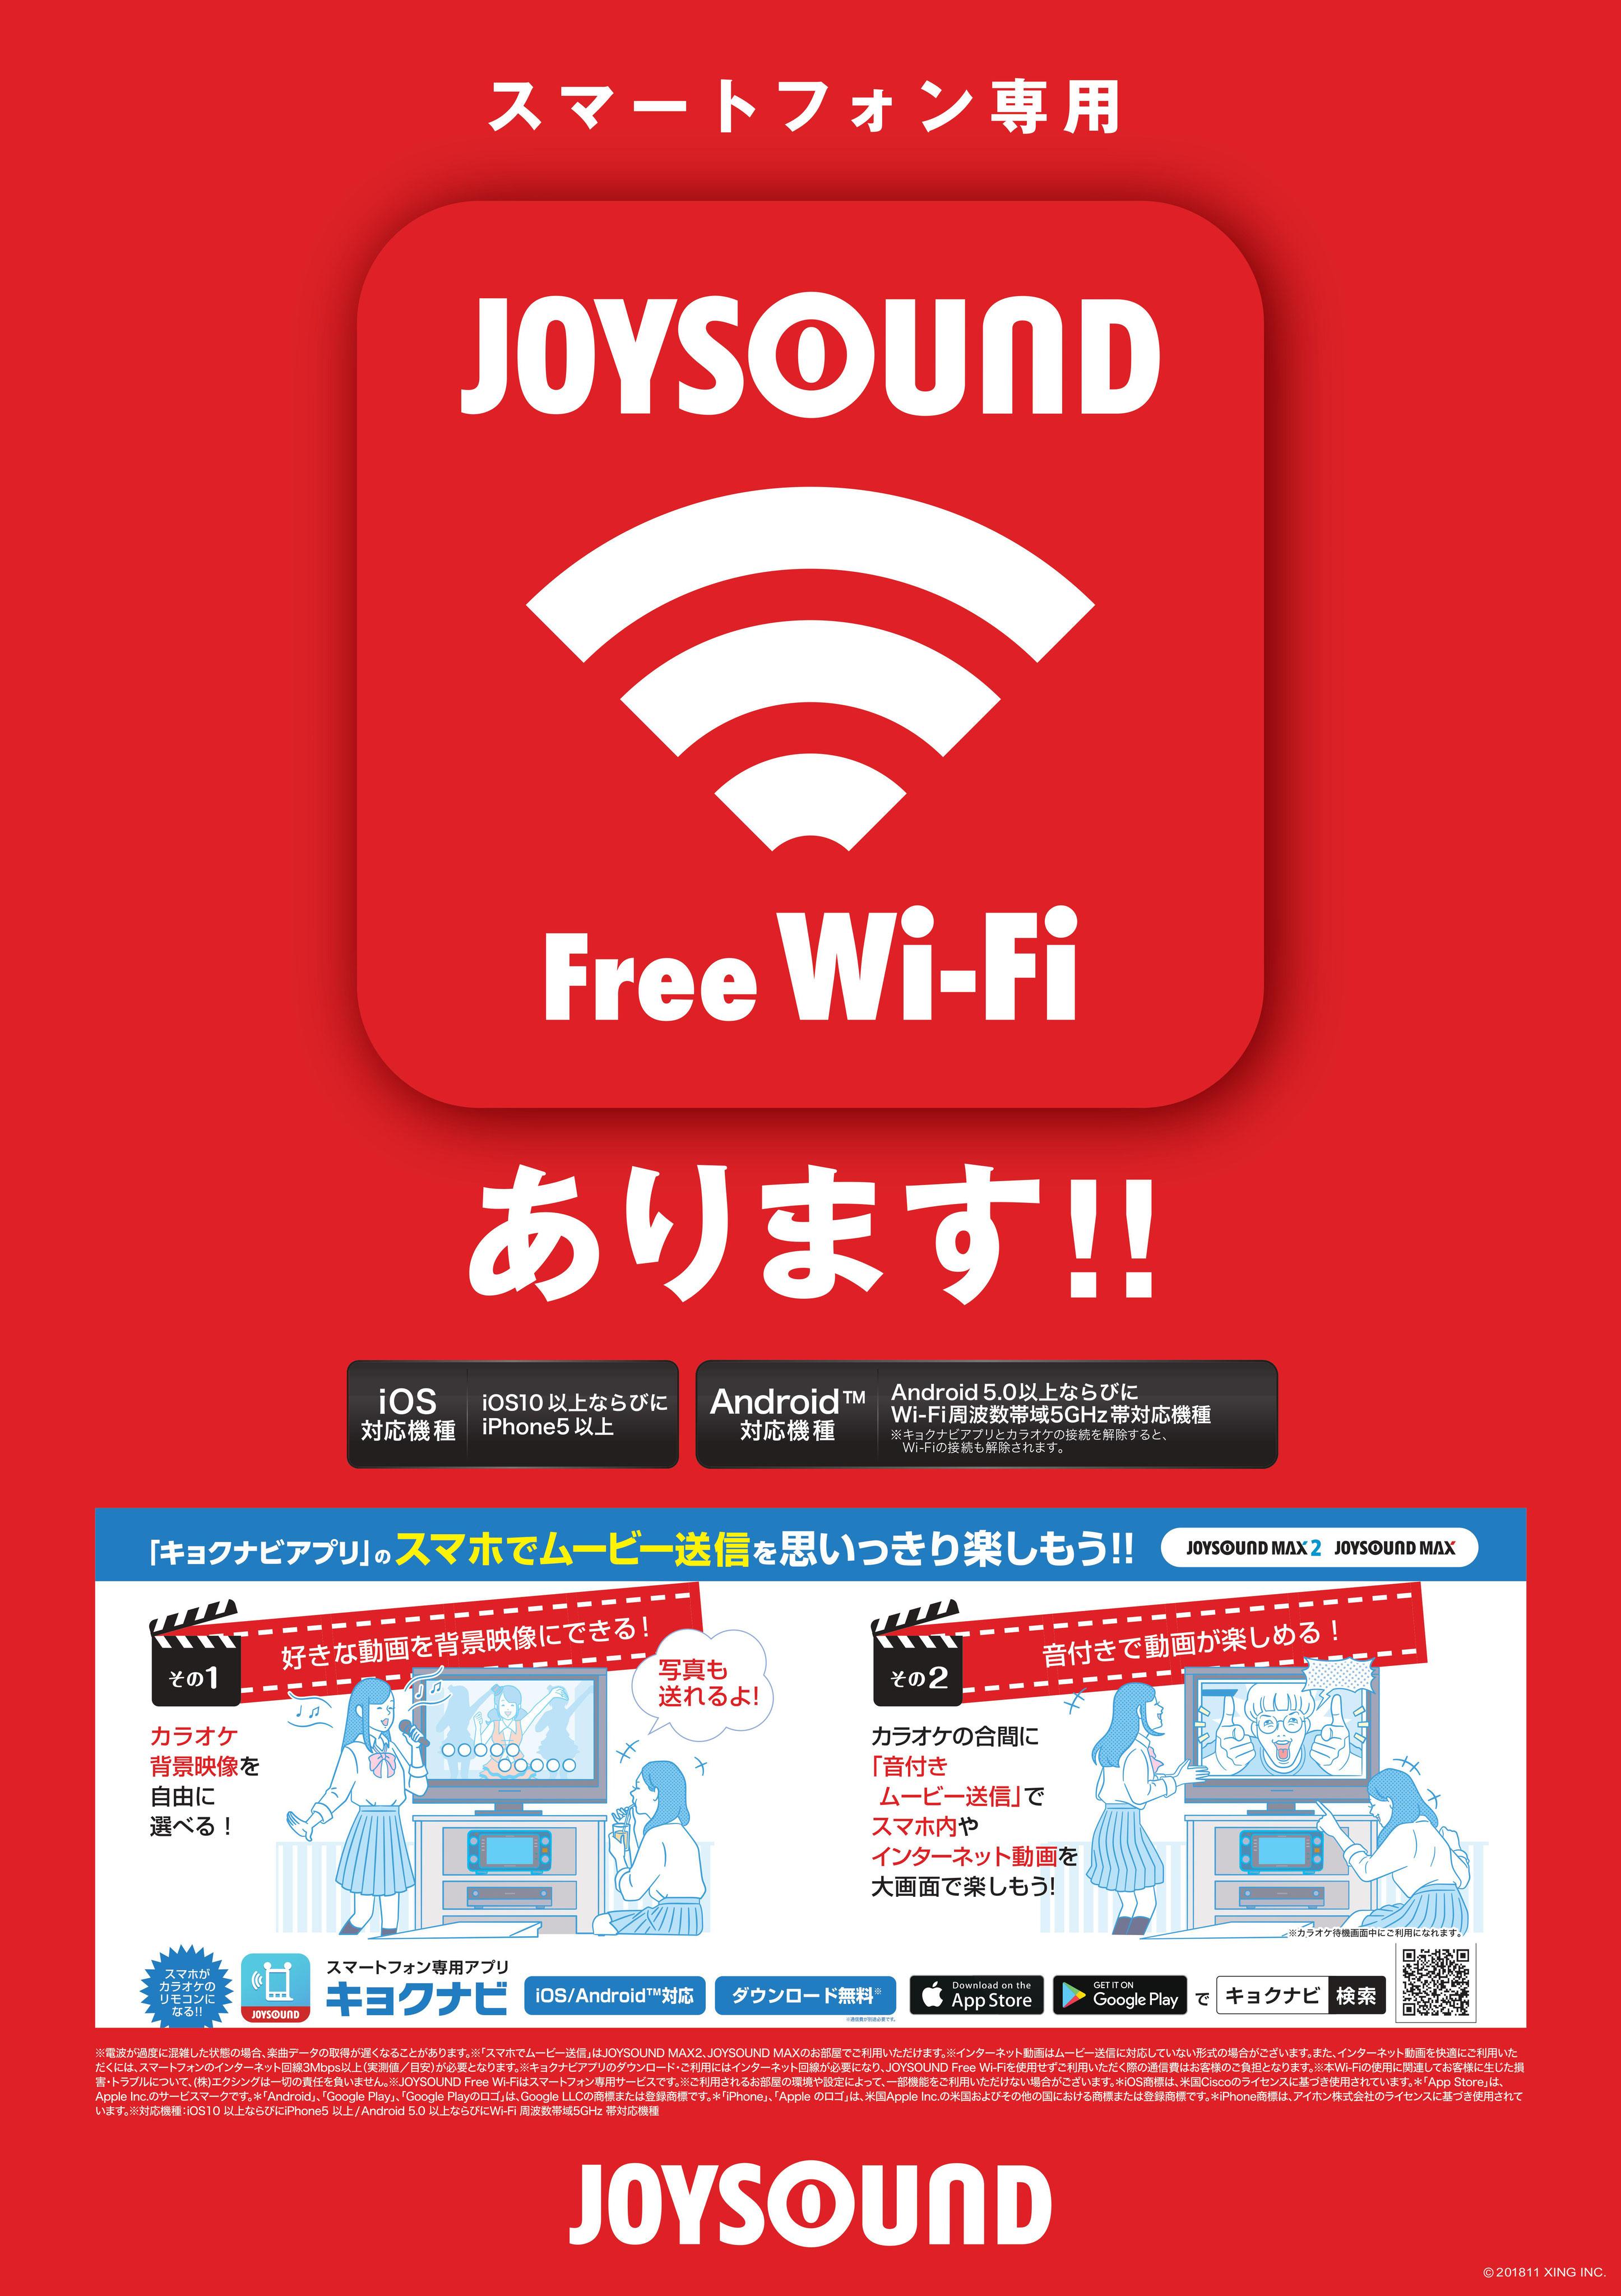 joysound wi-fi